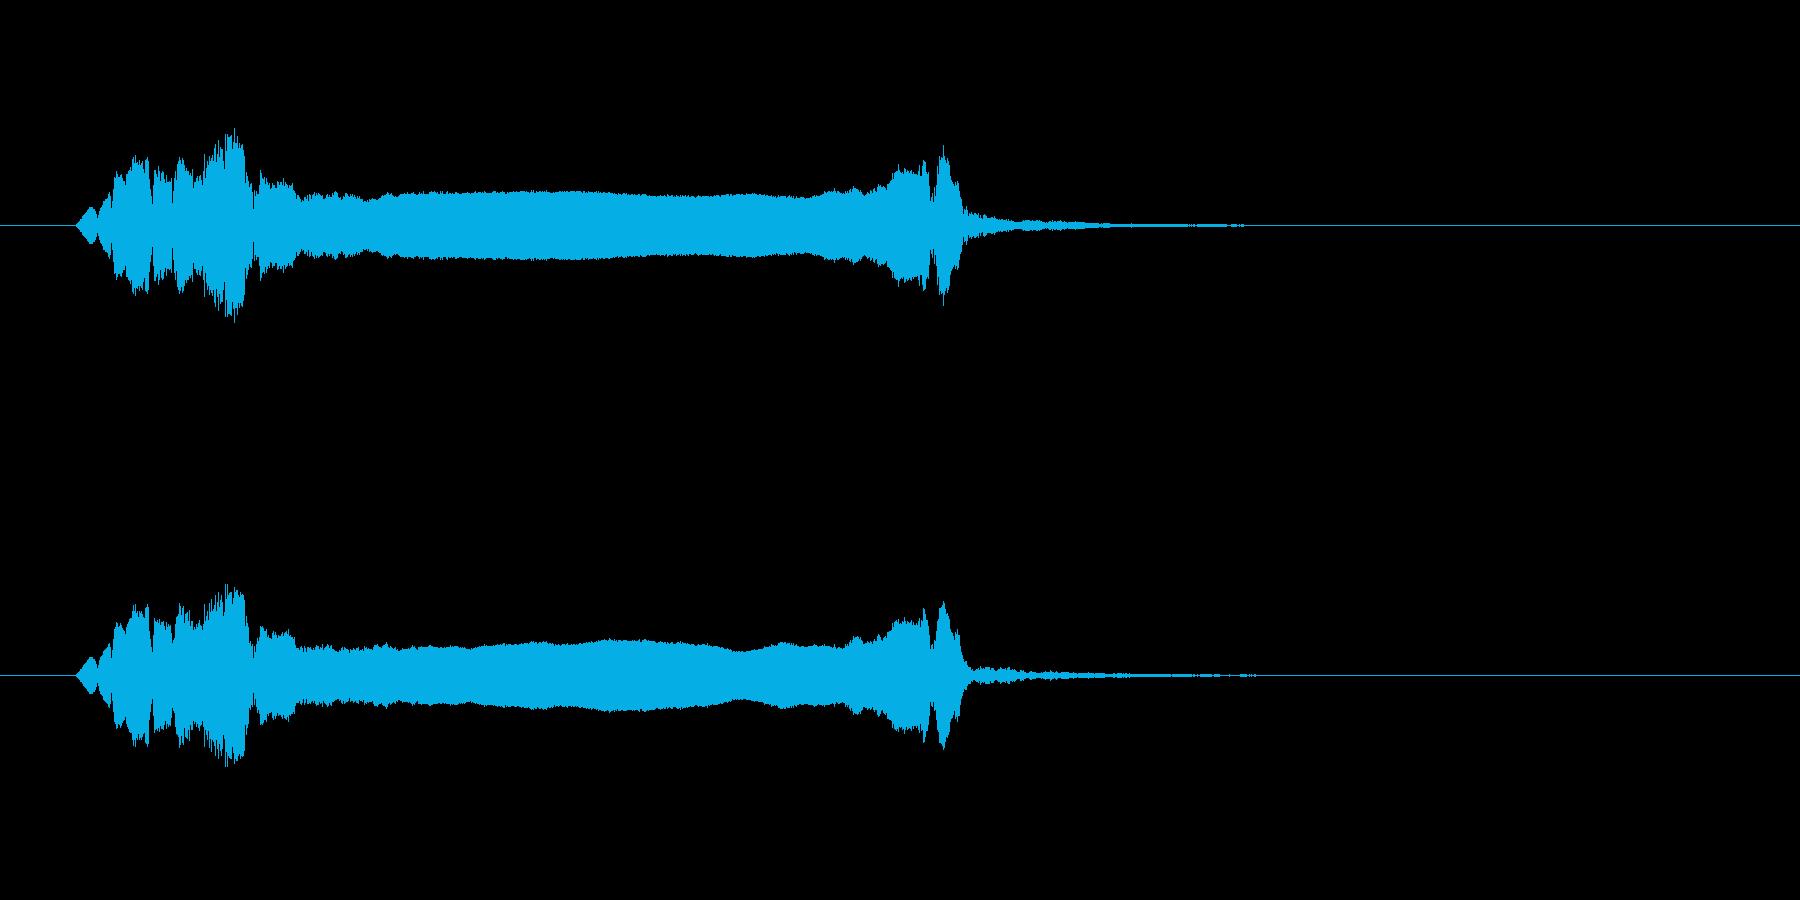 篠笛生演奏の勢いあるジングル03の再生済みの波形